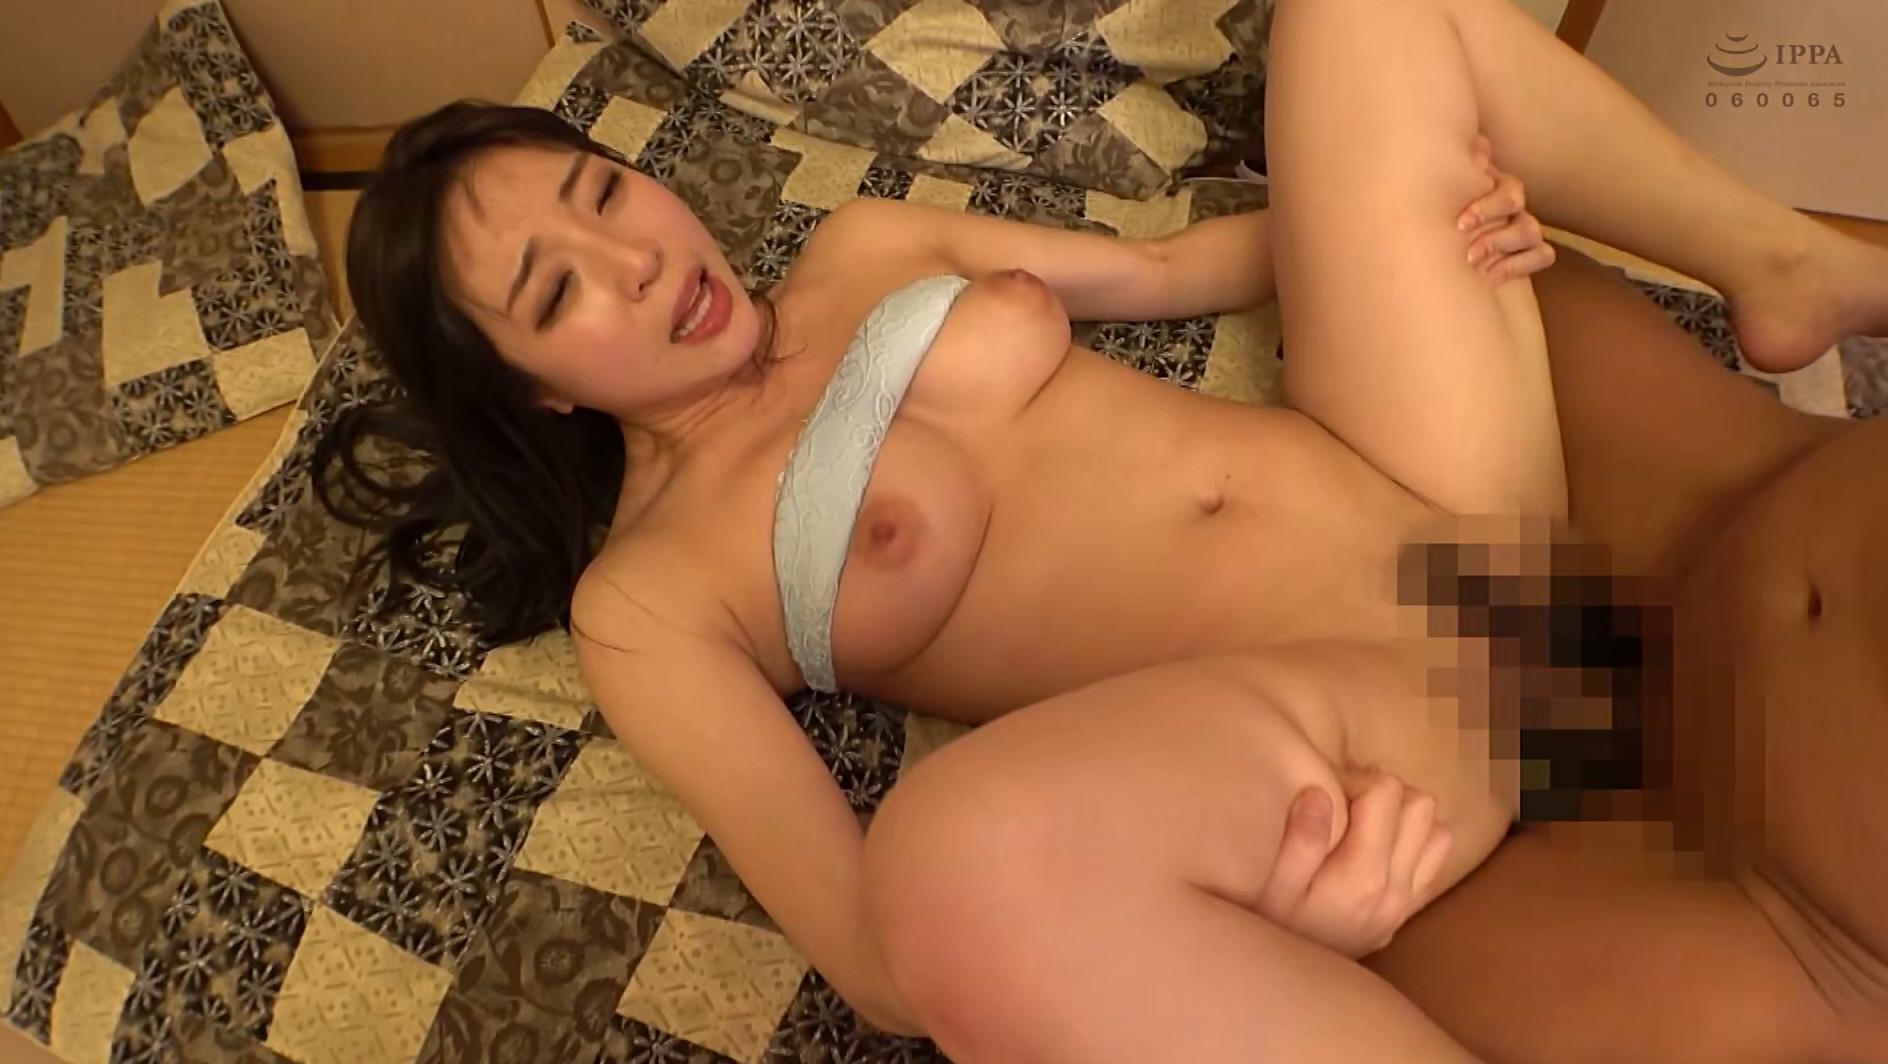 ゲレンデで素人女子をナンパ即ハメ!たっぷり中出し乱交セックス!! 画像17